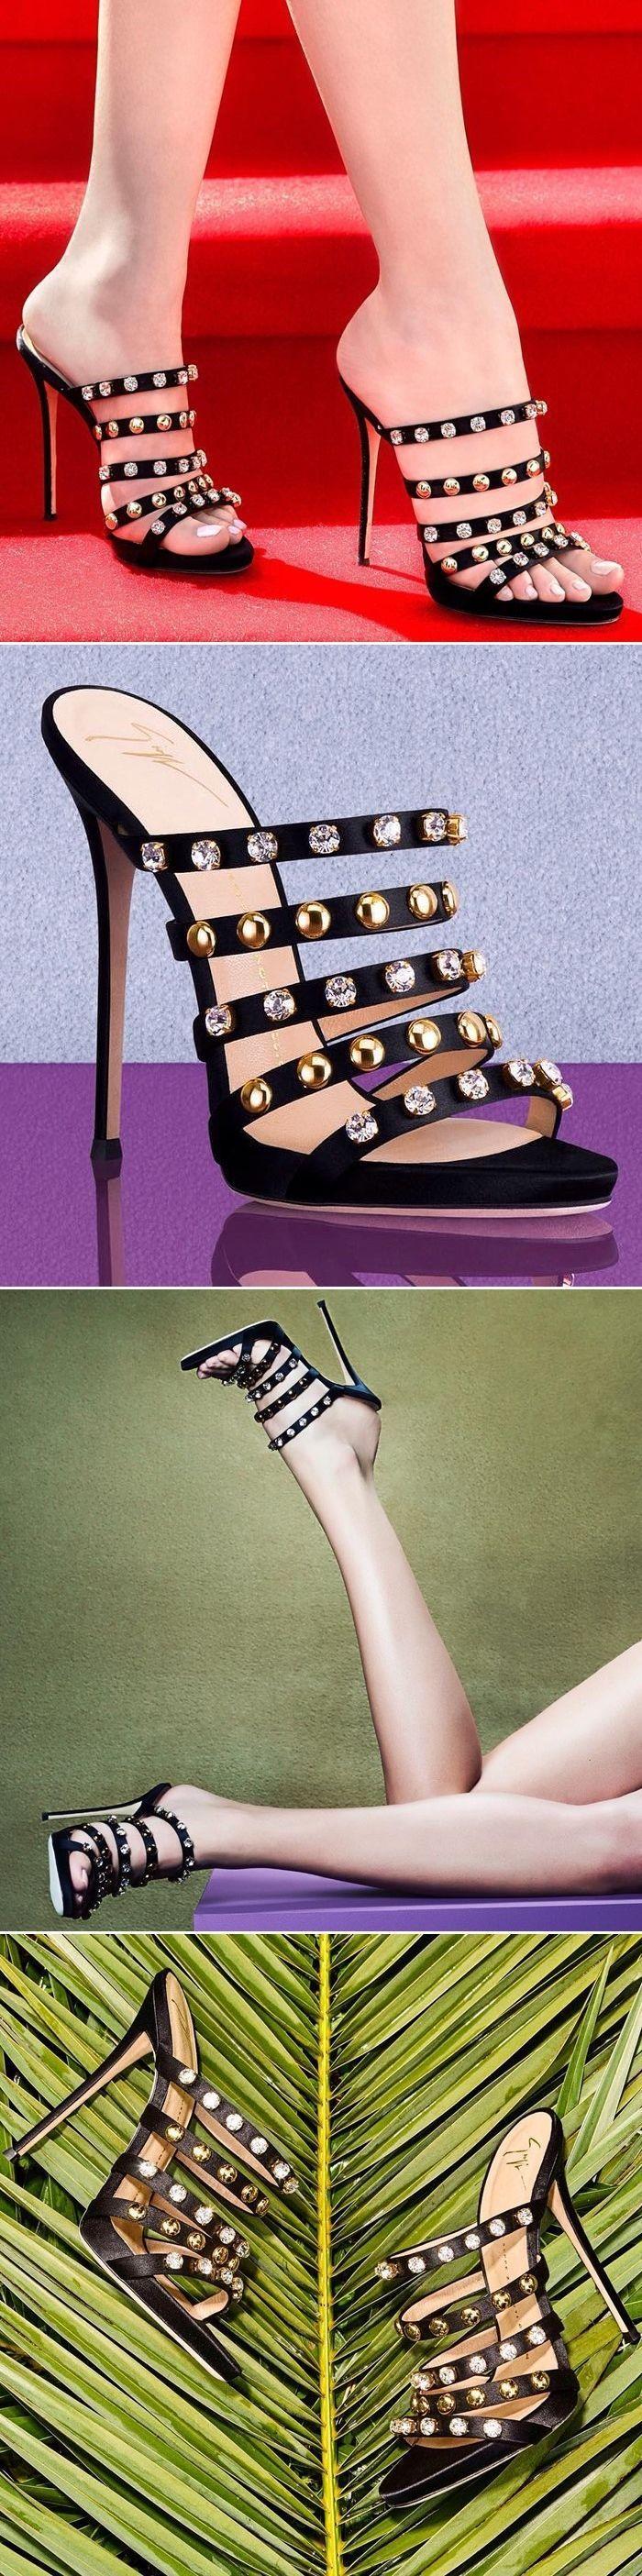 10 Latest Women's Designer Shoes From Giuseppe Zanotti #goldstilettoheels #giuseppezanottiheelsstilettos